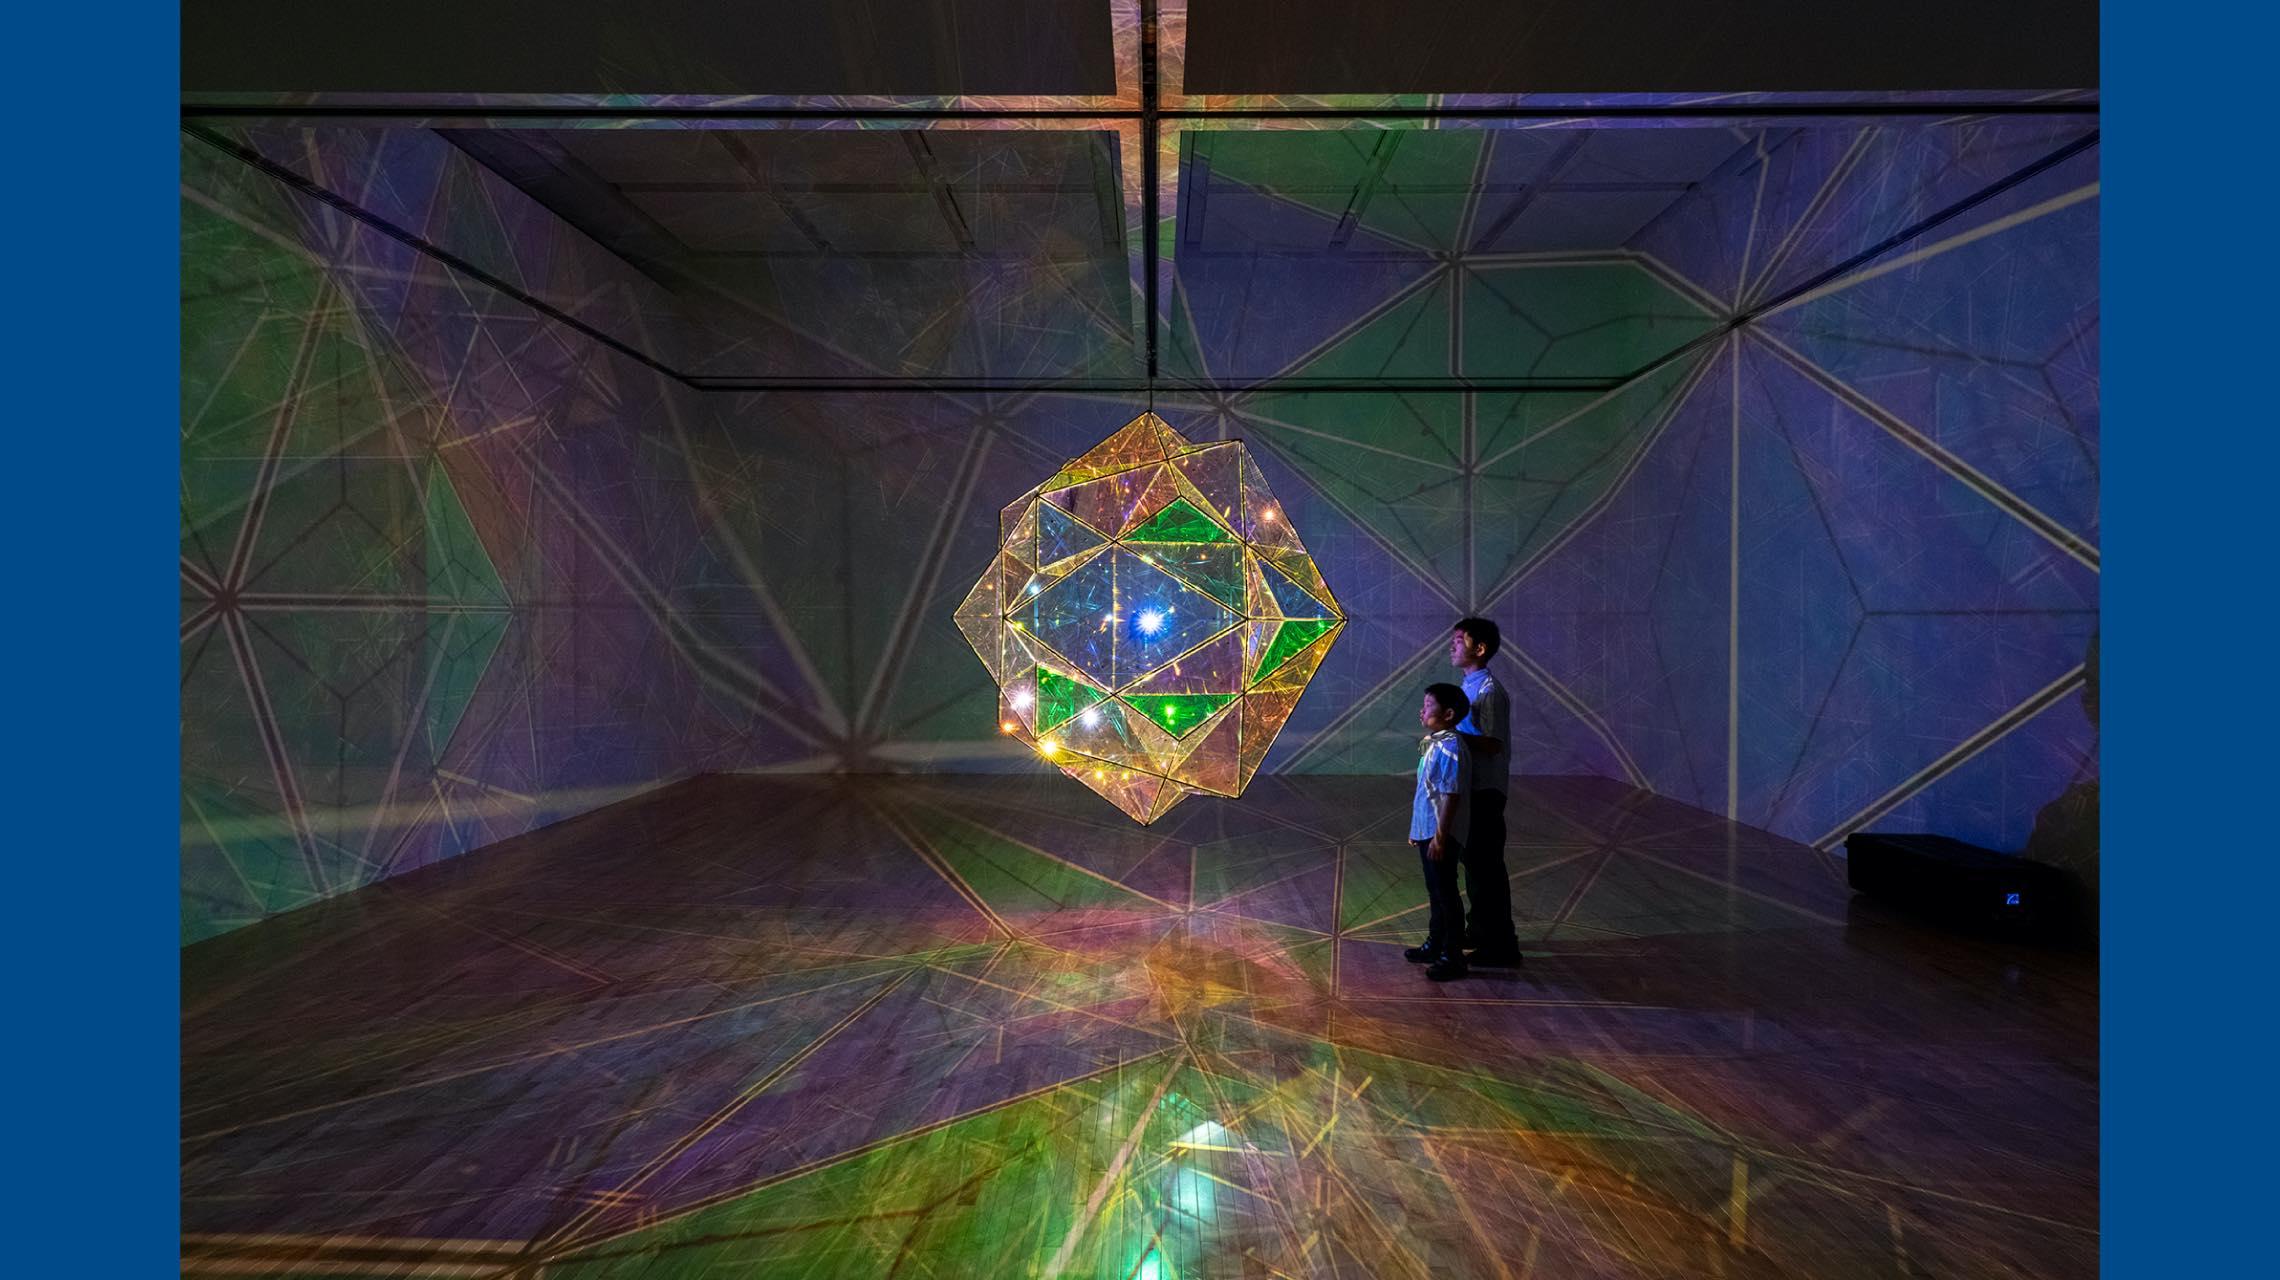 アートを通じて地球の未来を考える。オラファー・エリアソンの個展が開催